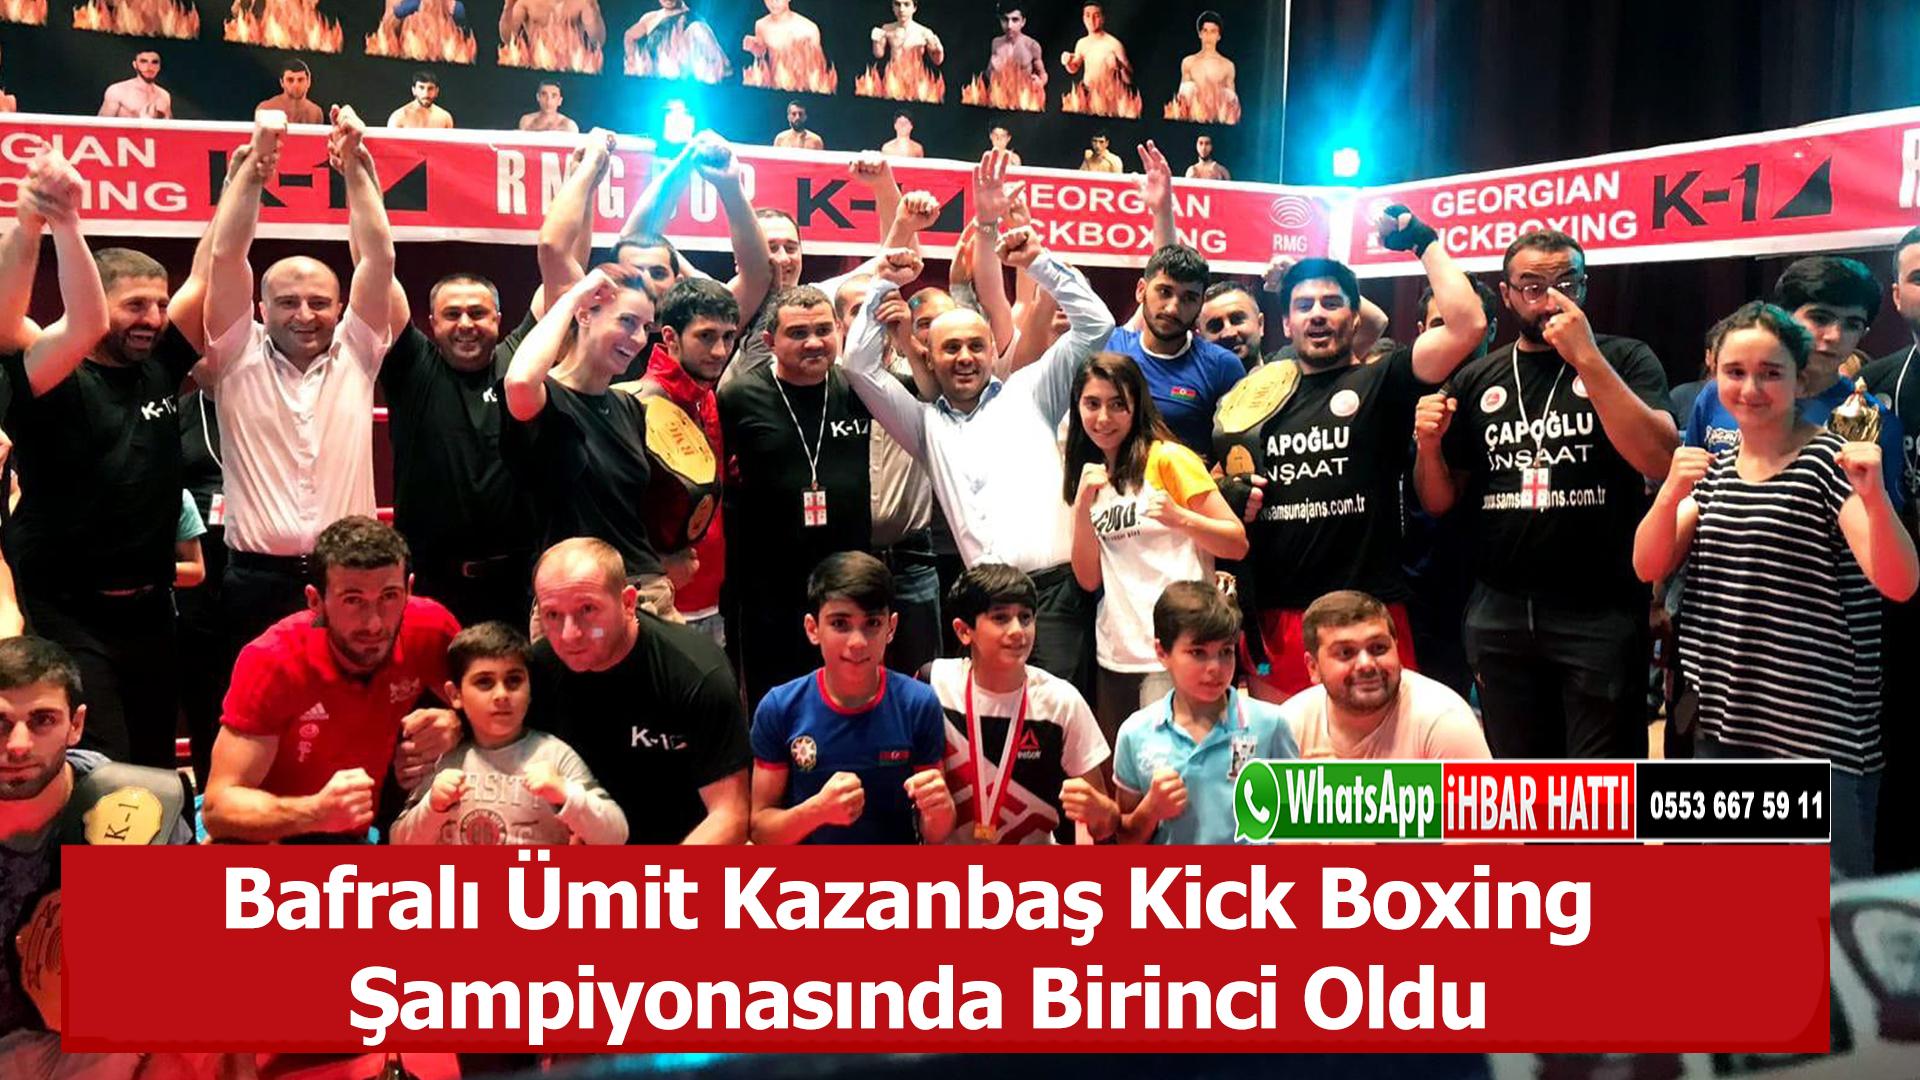 Bafralı Ümit Kazanbaş Kick Boxing Şampiyonasında Birinci Oldu